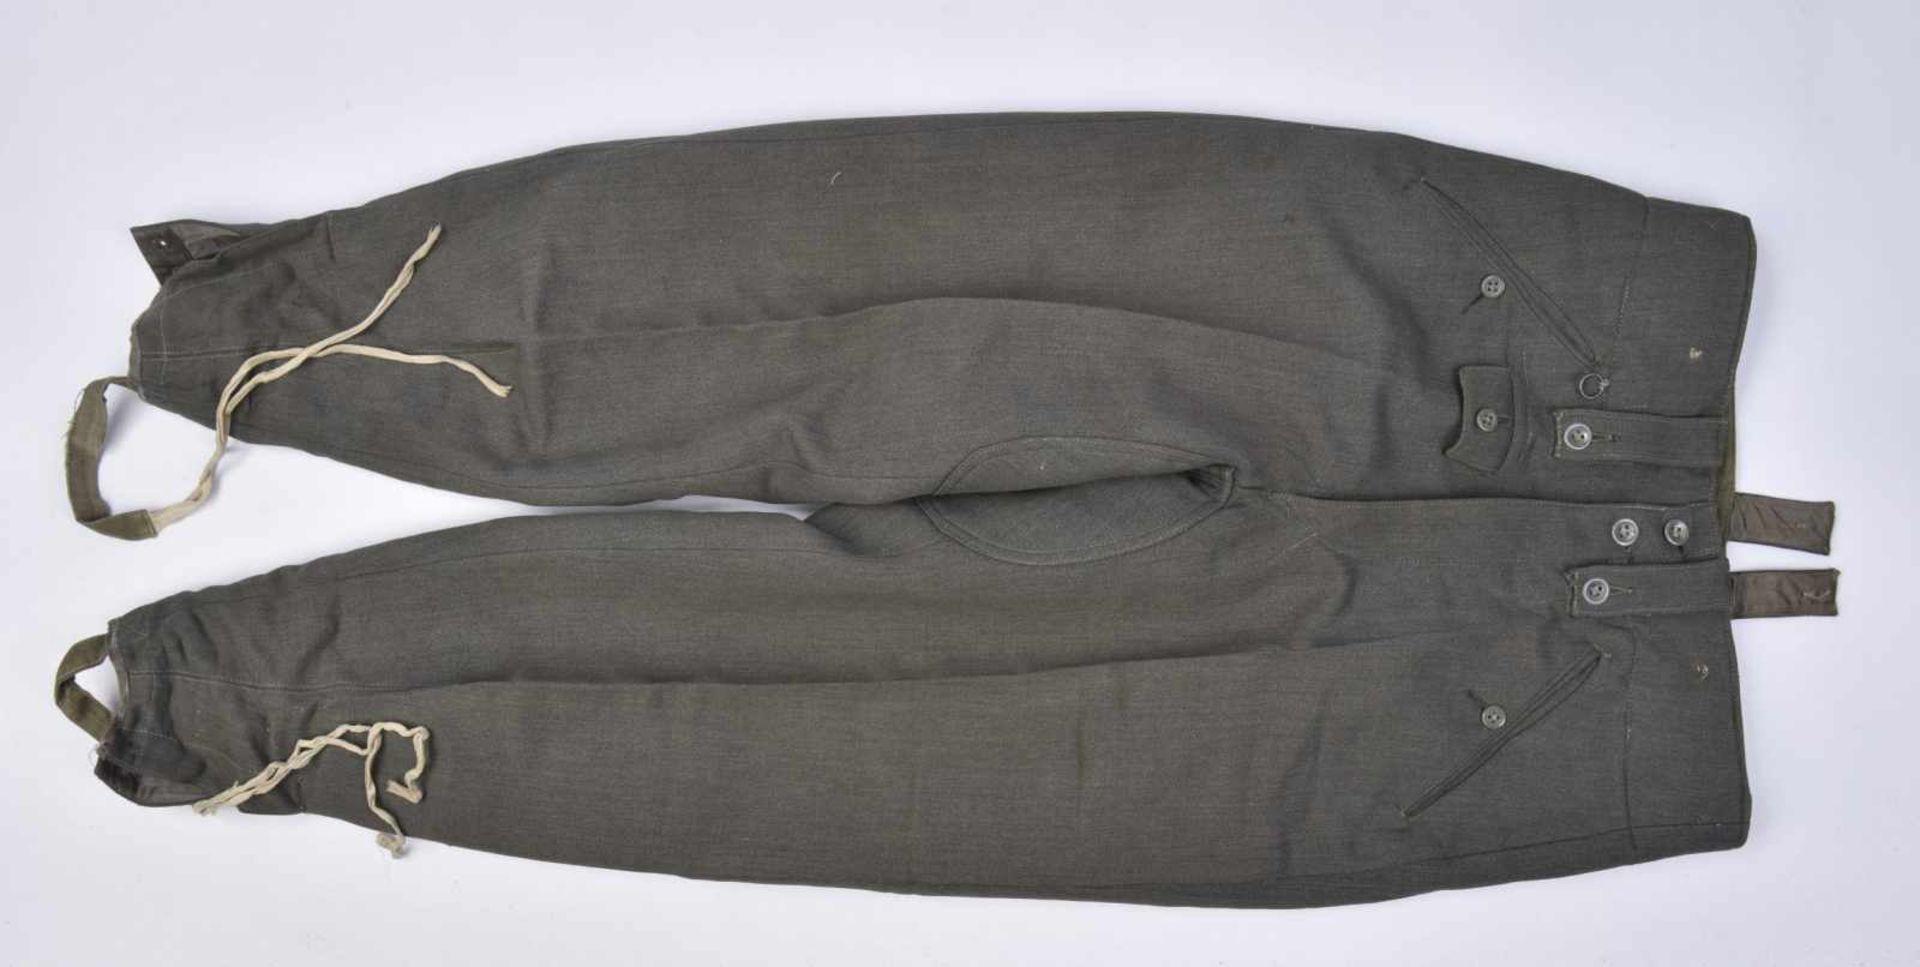 Pantalon en gabardine italienne. Modèle 44, en gabardine grise, tous les boutons sont présents.